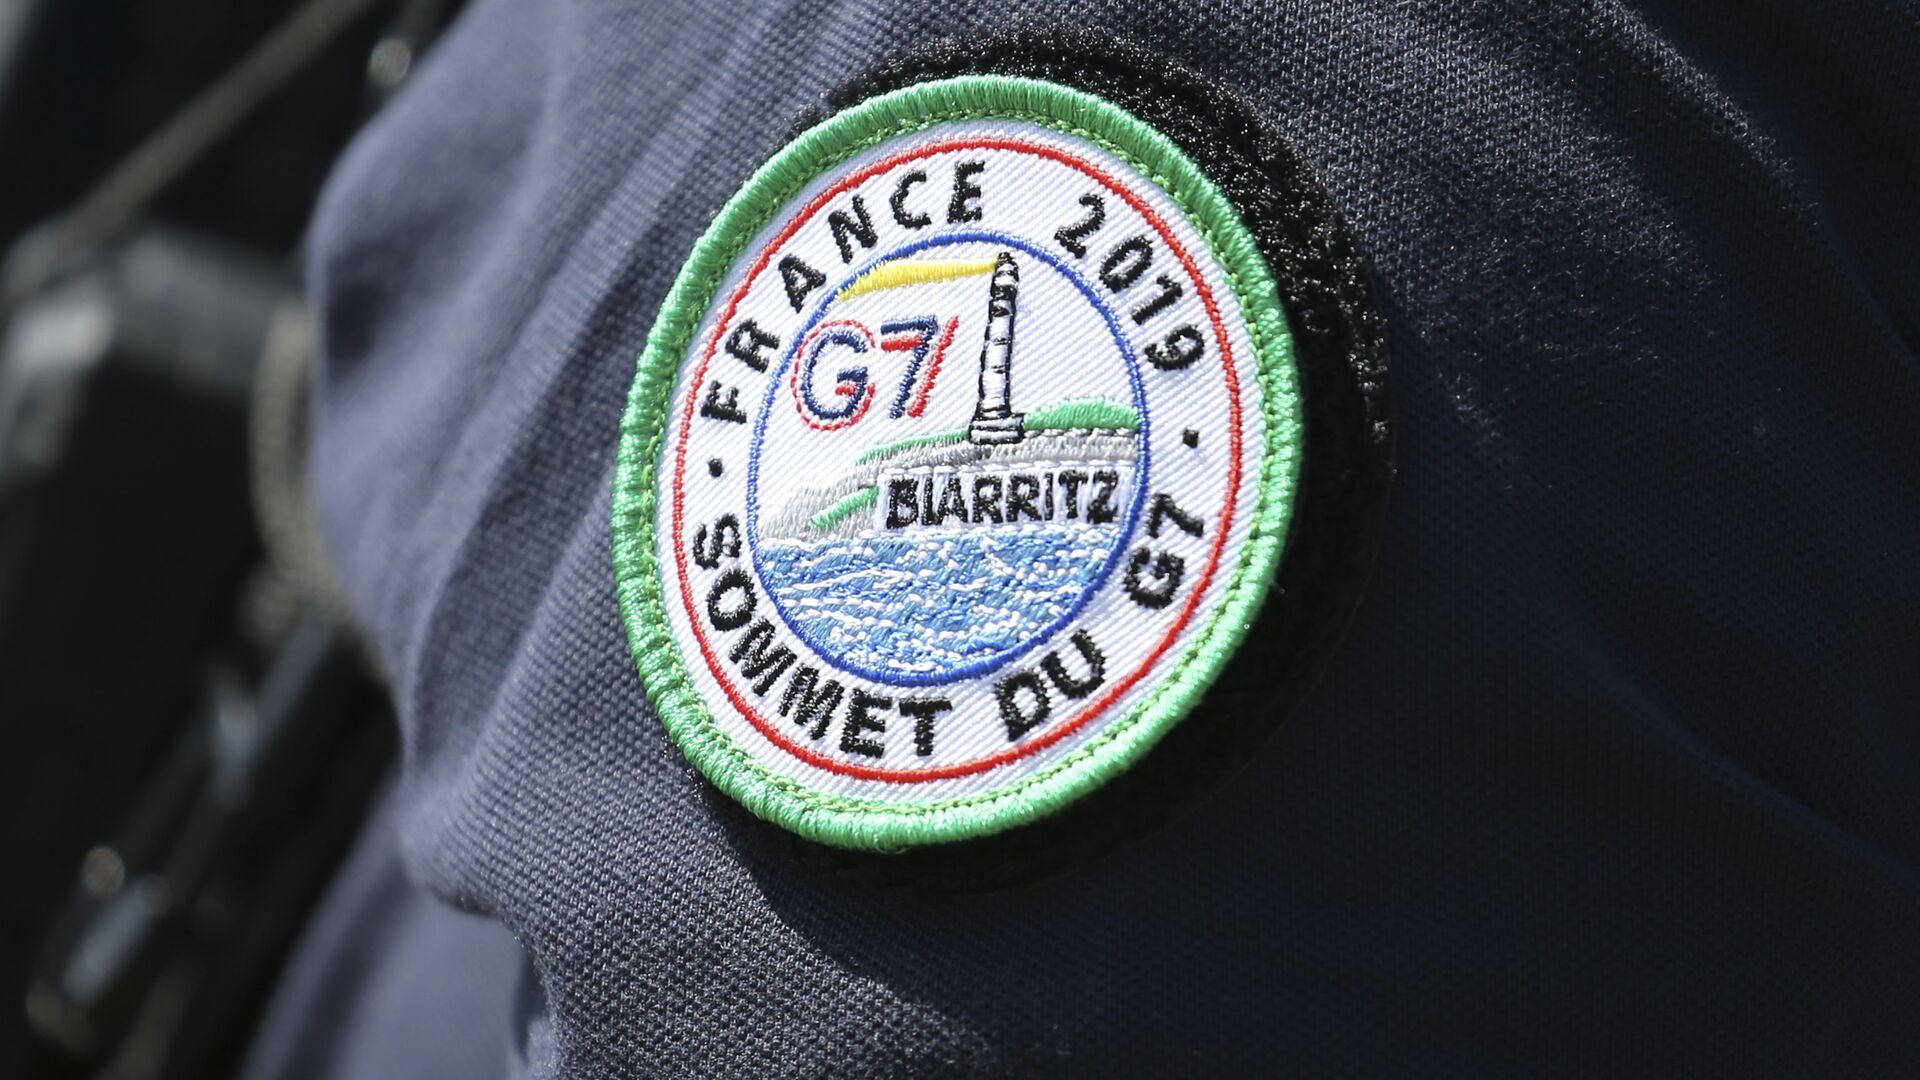 Oficer policji z naszywką G7, Francja - Sputnik Polska, 1920, 10.07.2021